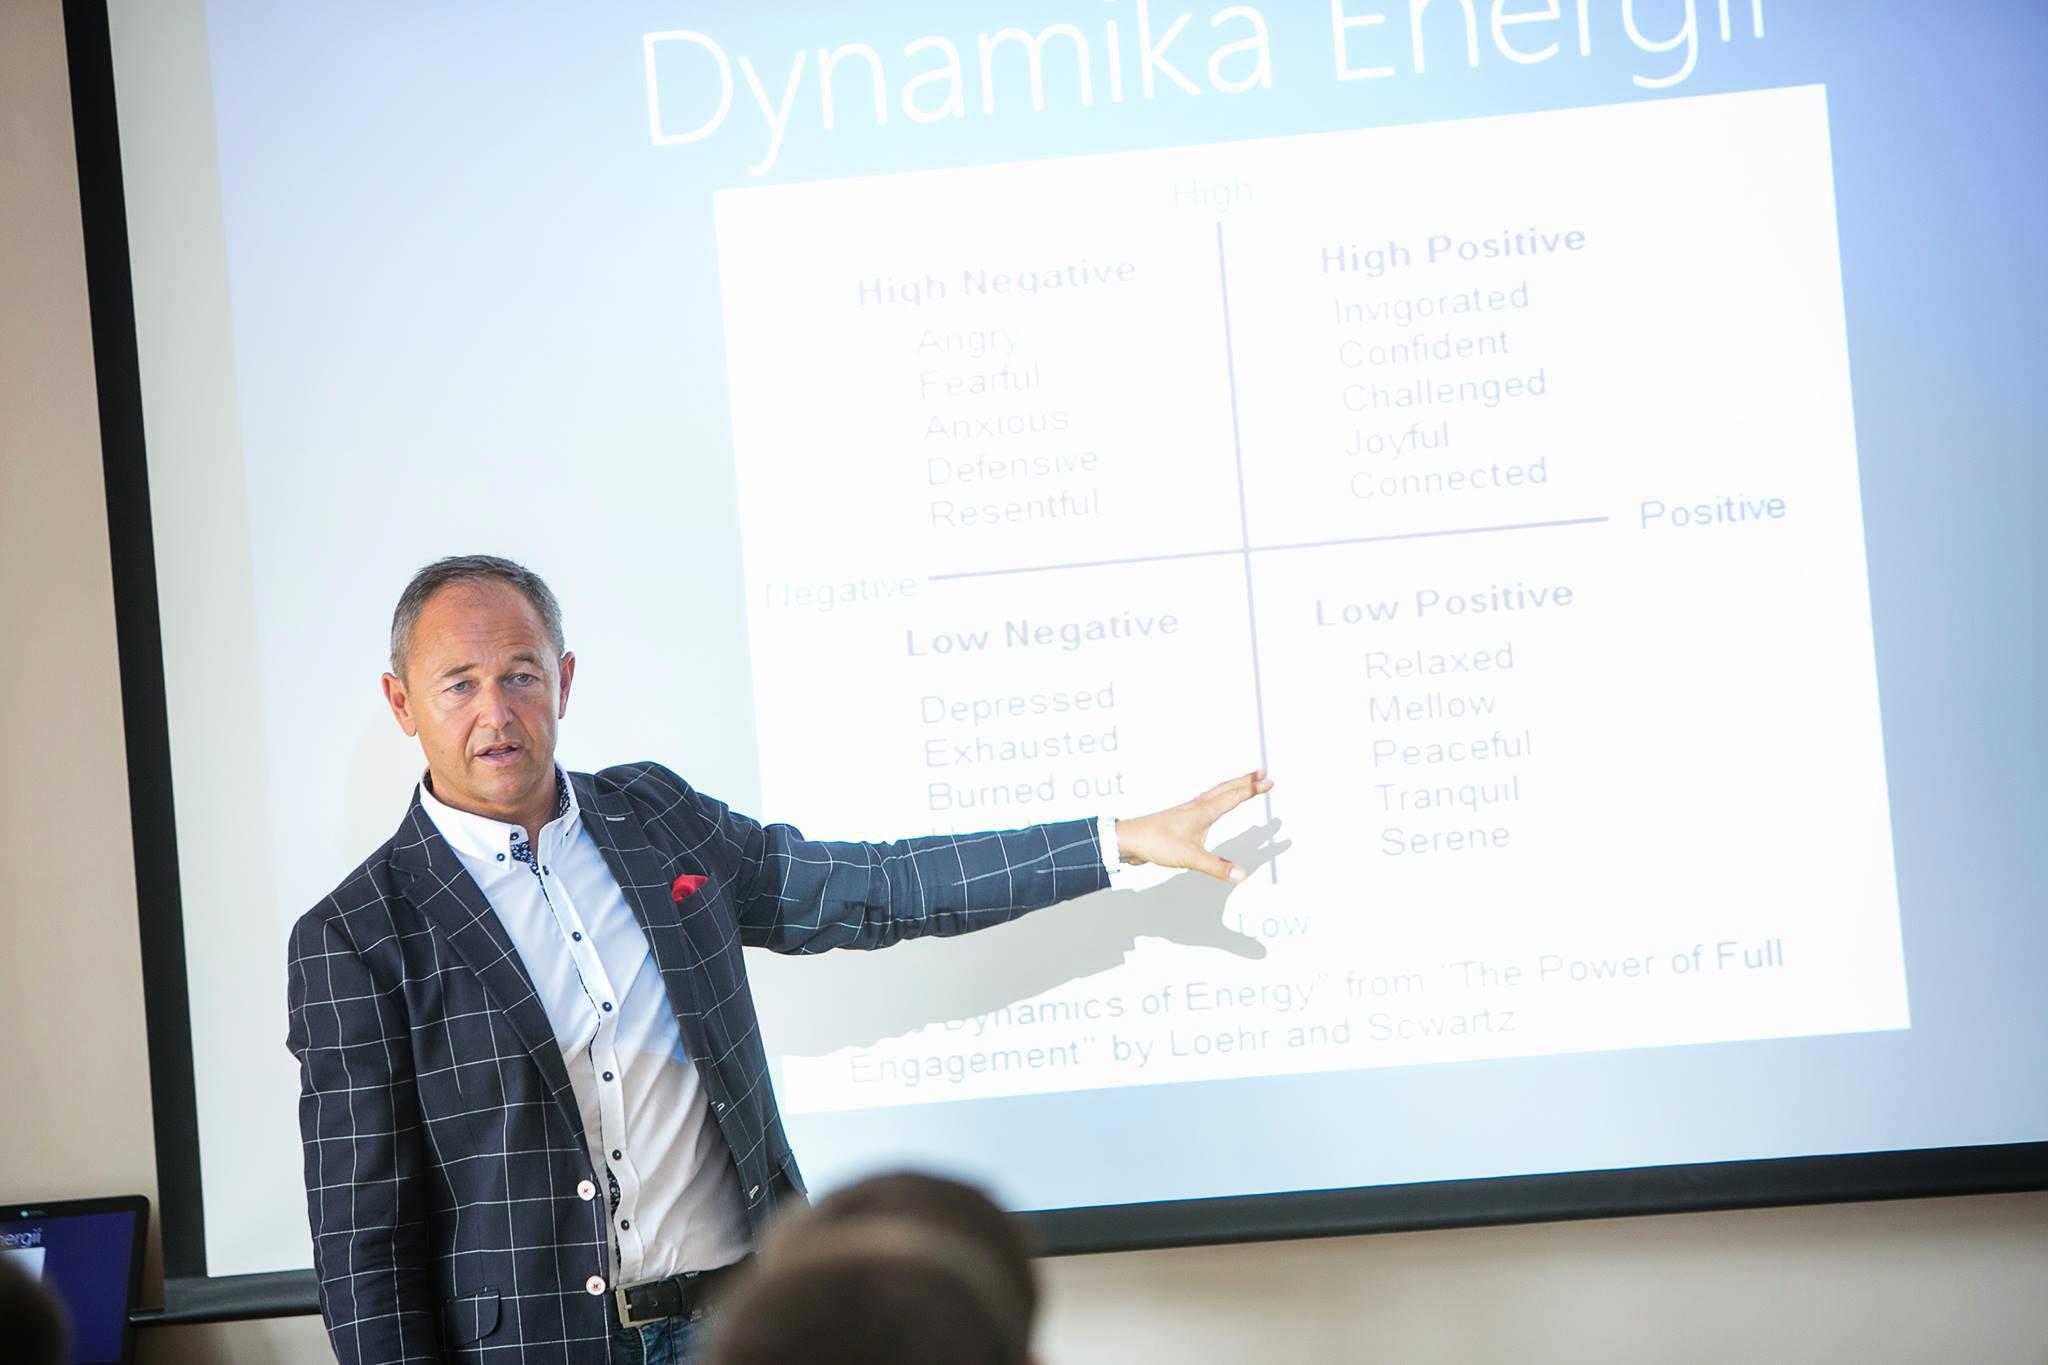 jan m uuml hlfeit positive leadership the team development built on strengths